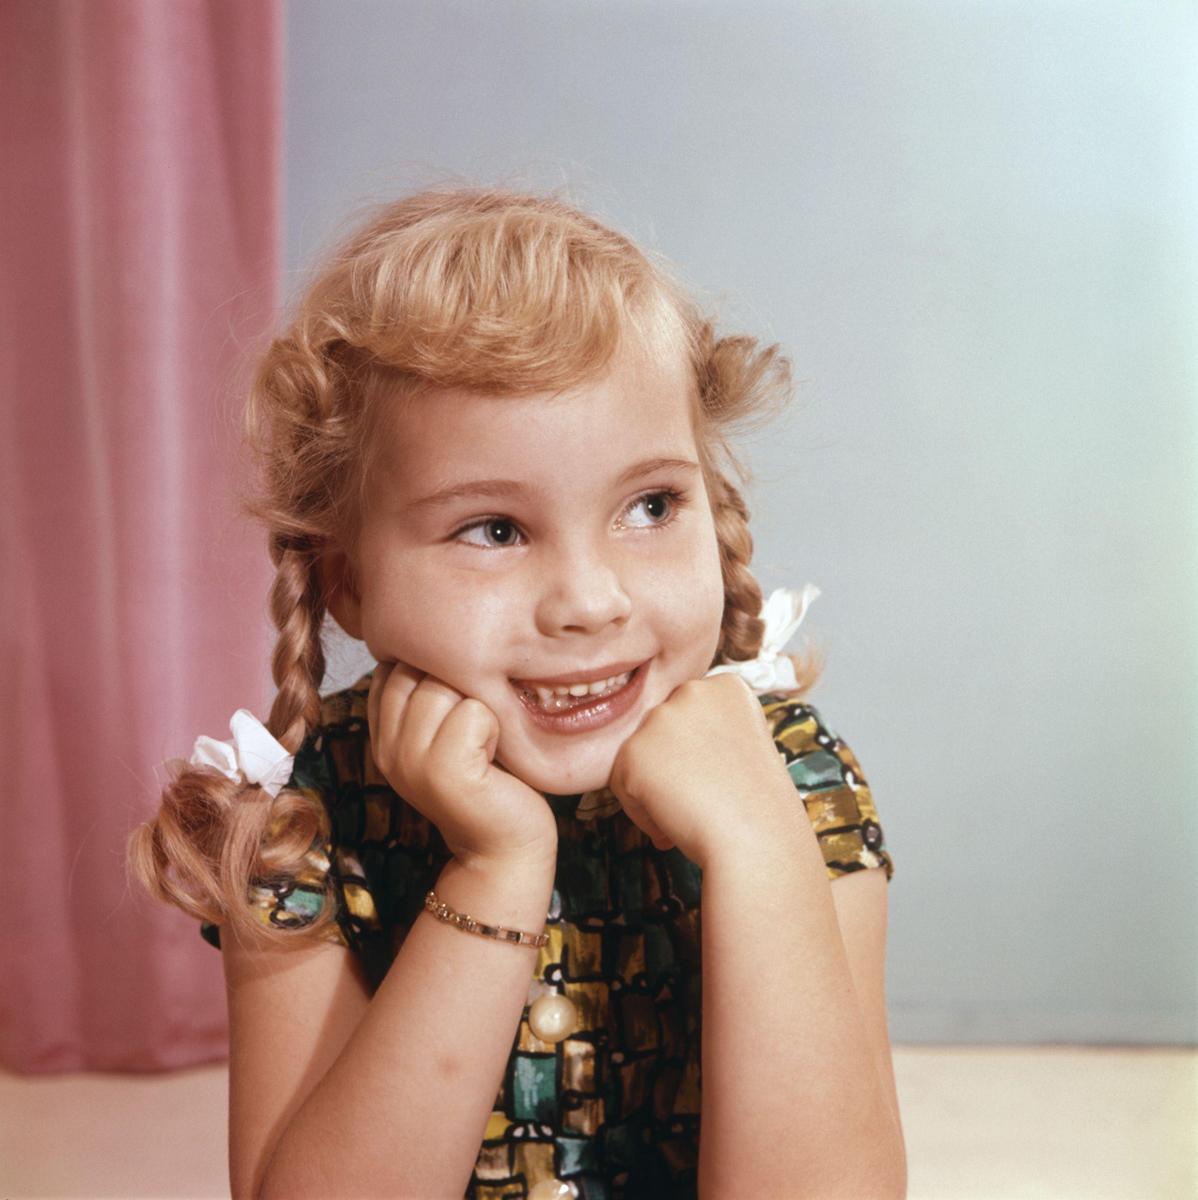 Haarmode meisjes kapsels atelierfotografie portret van meisje met schouderlang blond haar met - Kantoor voor een klein meisje ...